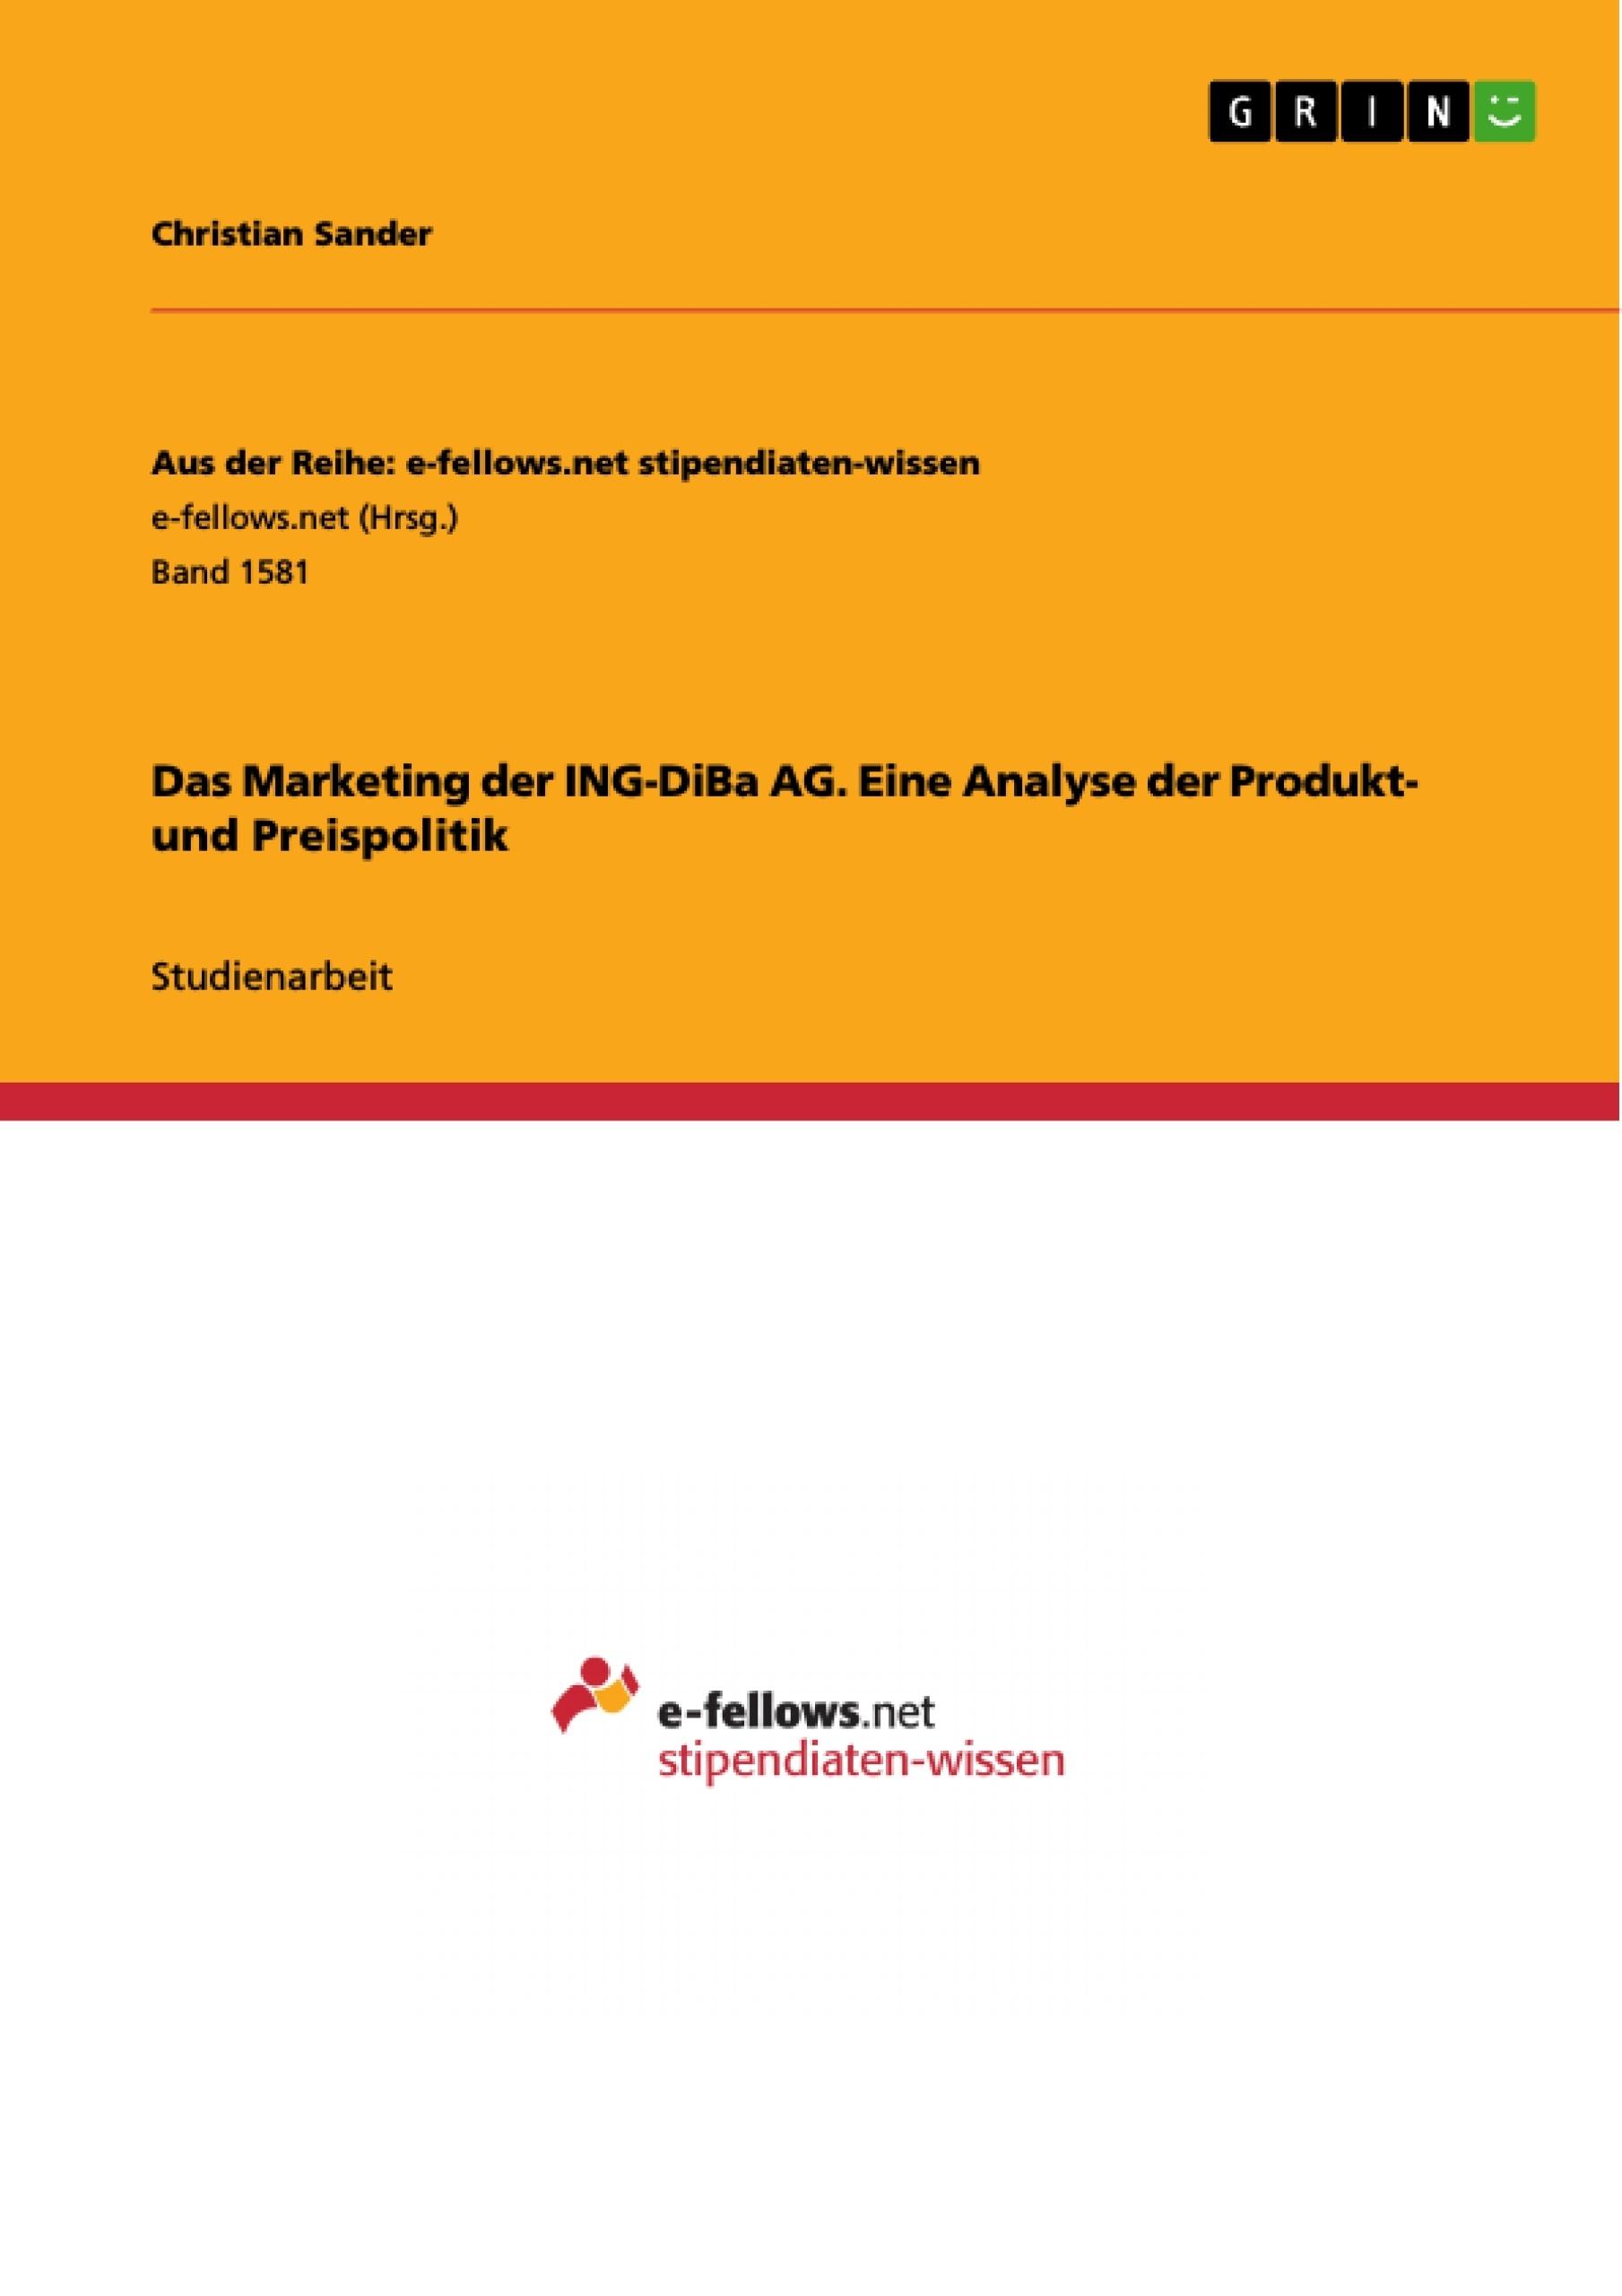 Titel: Das Marketing der ING-DiBa AG. Eine Analyse der Produkt- und Preispolitik